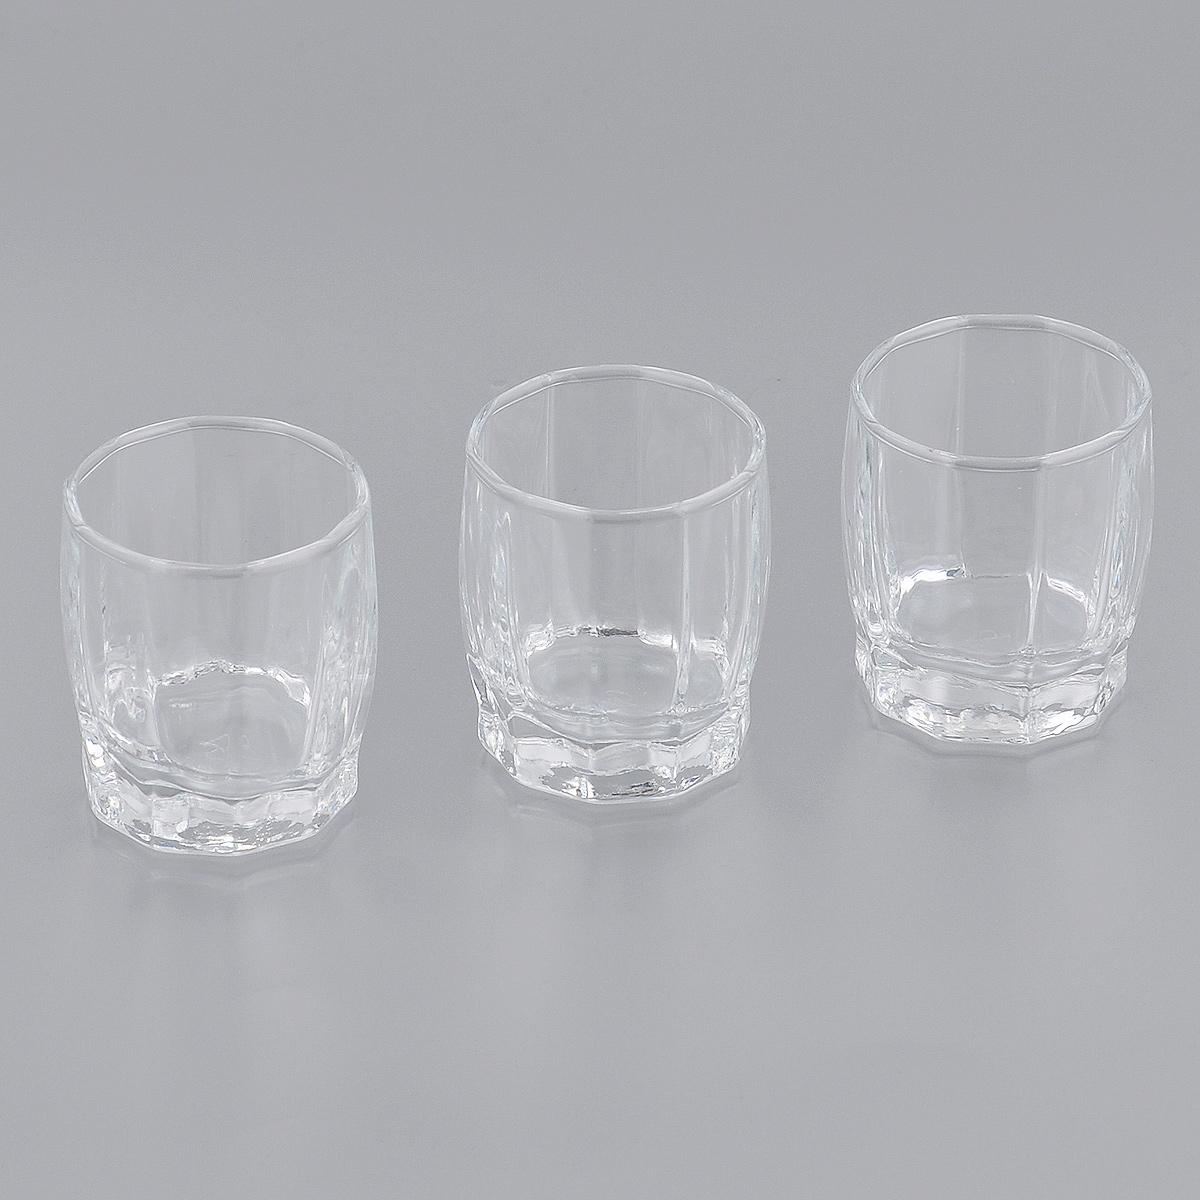 Набор стопок Pasabahce для водки Dance, 60 мл, 3 шт42864BНабор Pasabahce Dance, выполненный из высококачественного стекла, состоит из трех стопок. Стопки с утолщенным дном прекрасно подойдут для подачи водки или других крепких напитков. Эстетичность, функциональность и изящный дизайн сделают набор достойным дополнением к вашему кухонному инвентарю. Набор стопок Pasabahce Dance украсит ваш стол и станет отличным подарком к любому празднику. Можно использовать в морозильной камере и микроволновой печи. Можно мыть в посудомоечной машине.Диаметр стопки по верхнему краю: 4,5 см. Высота стопки: 5,5 см.